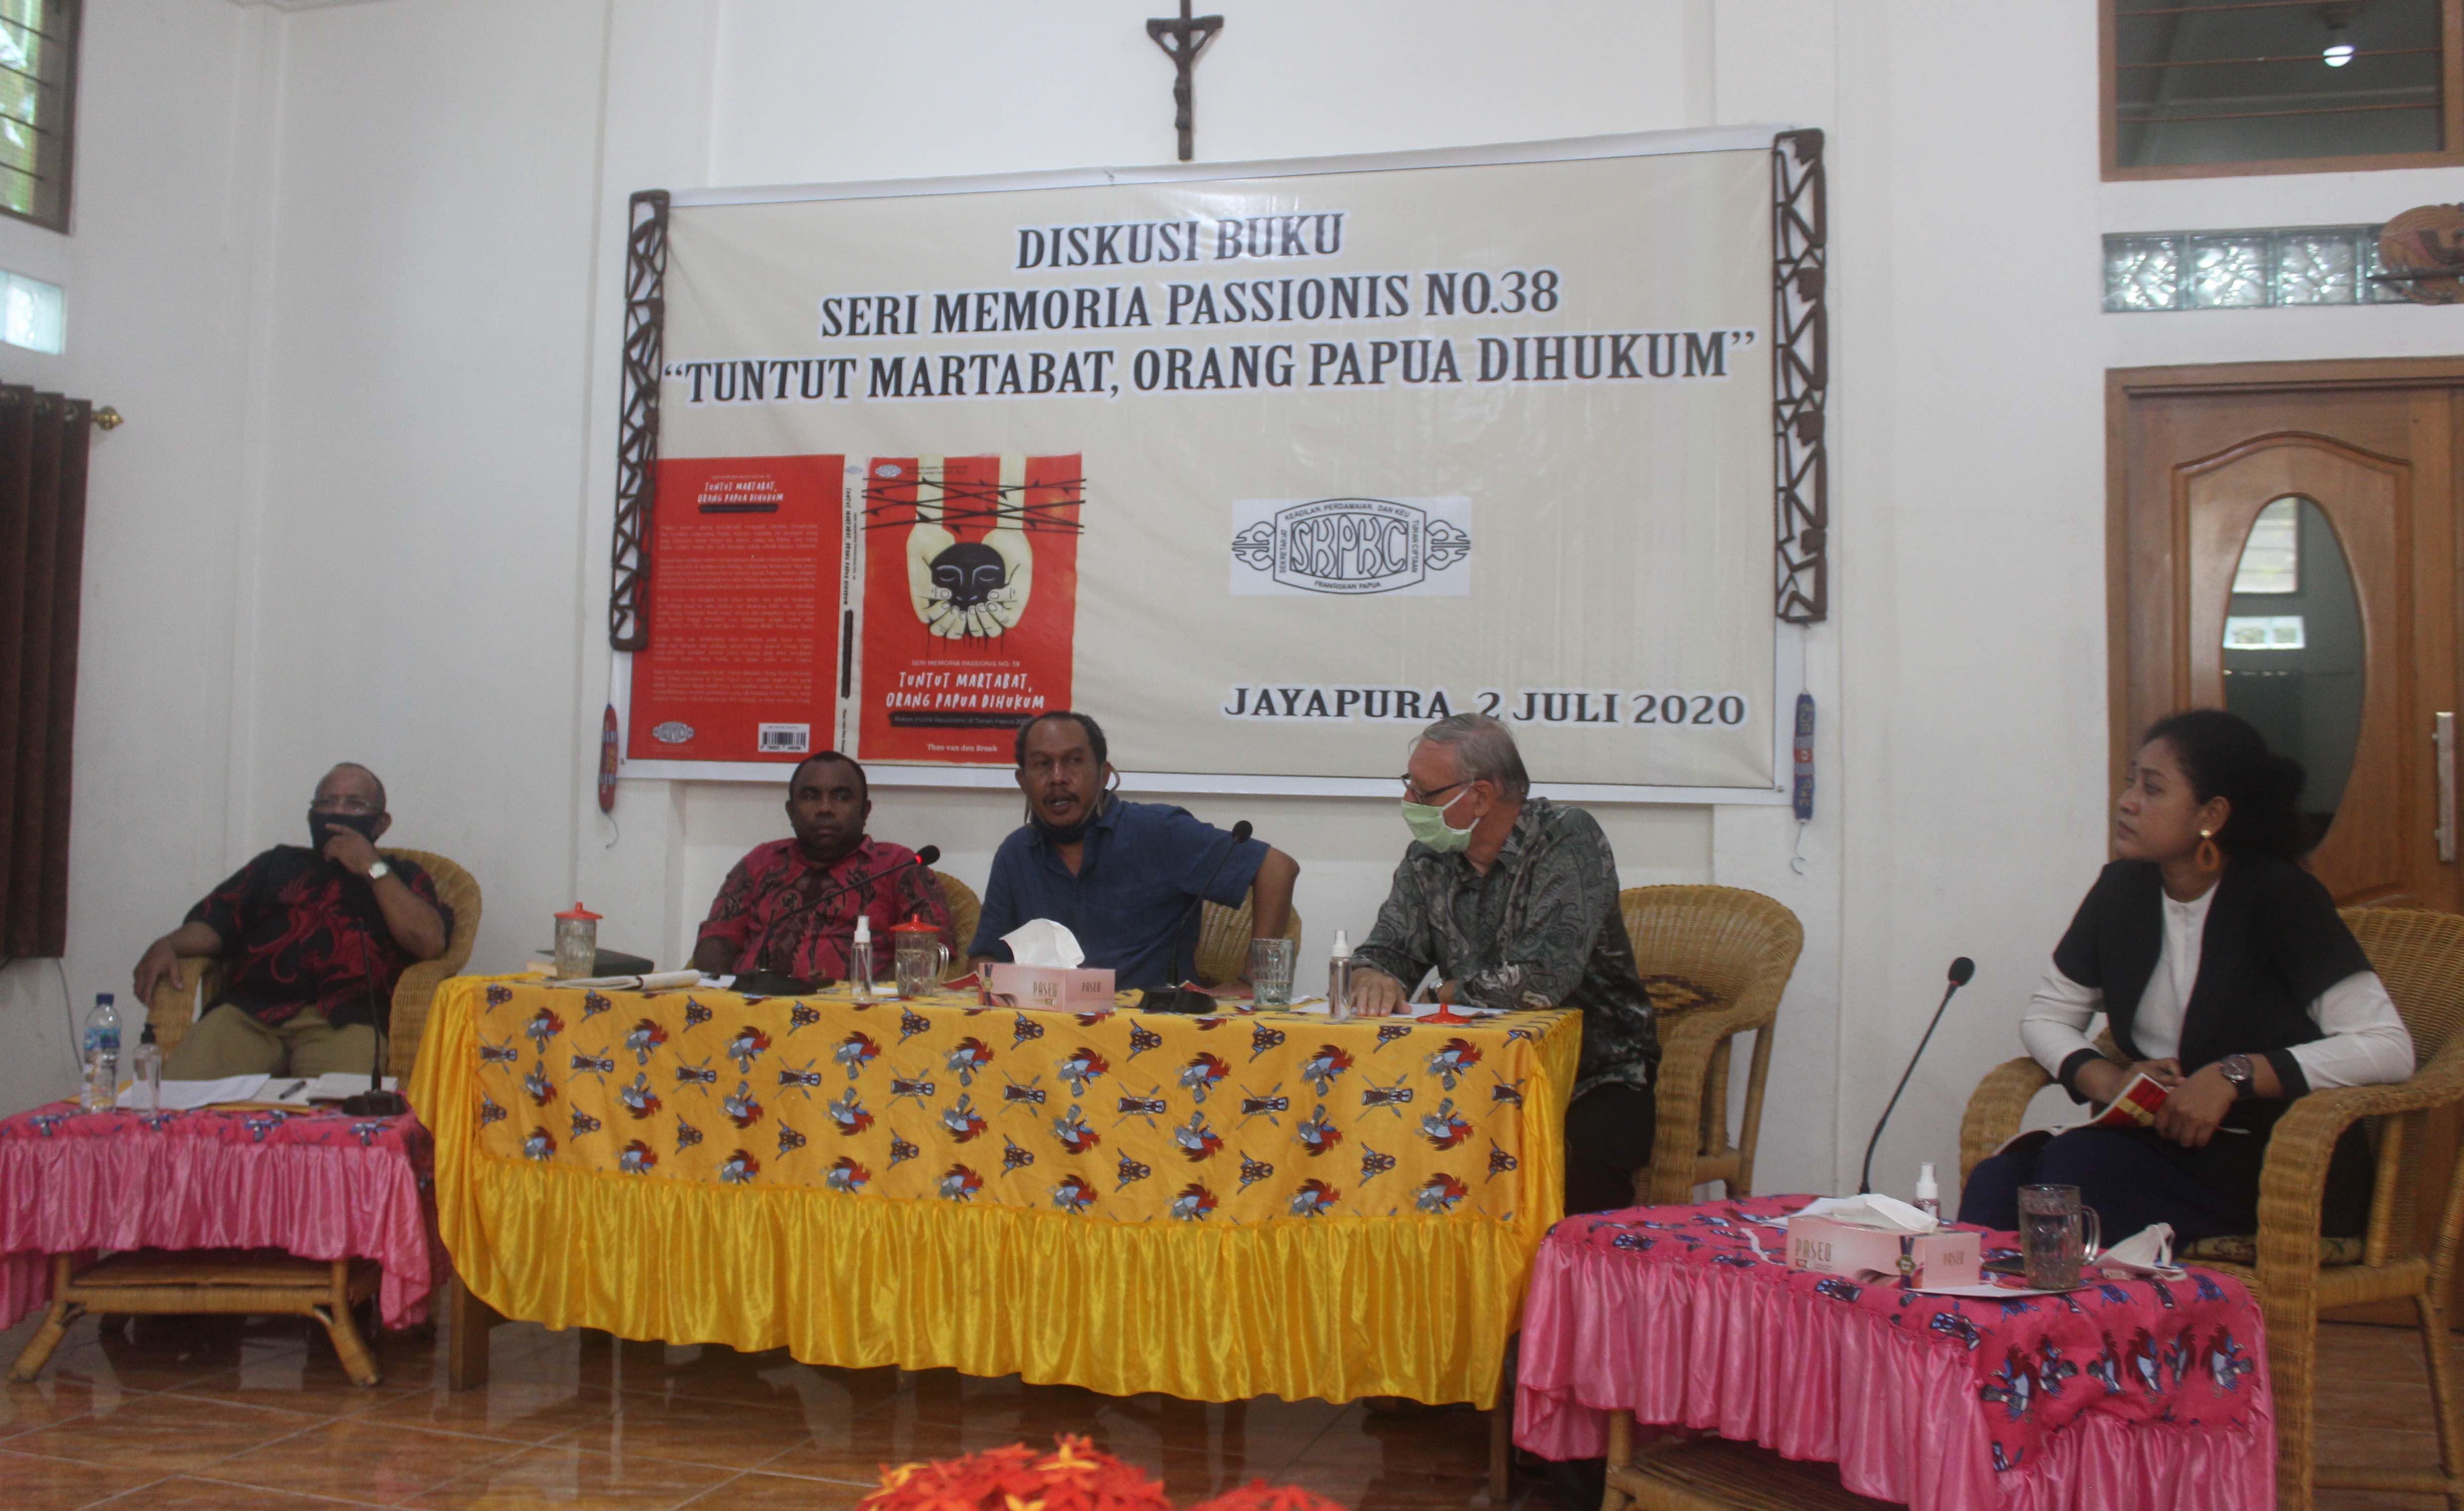 Buku Seri Memoria Passionis No. 38 'Tuntut Martabat, Orang Papua Dihukum' Dilaunching dan Didiskusikan